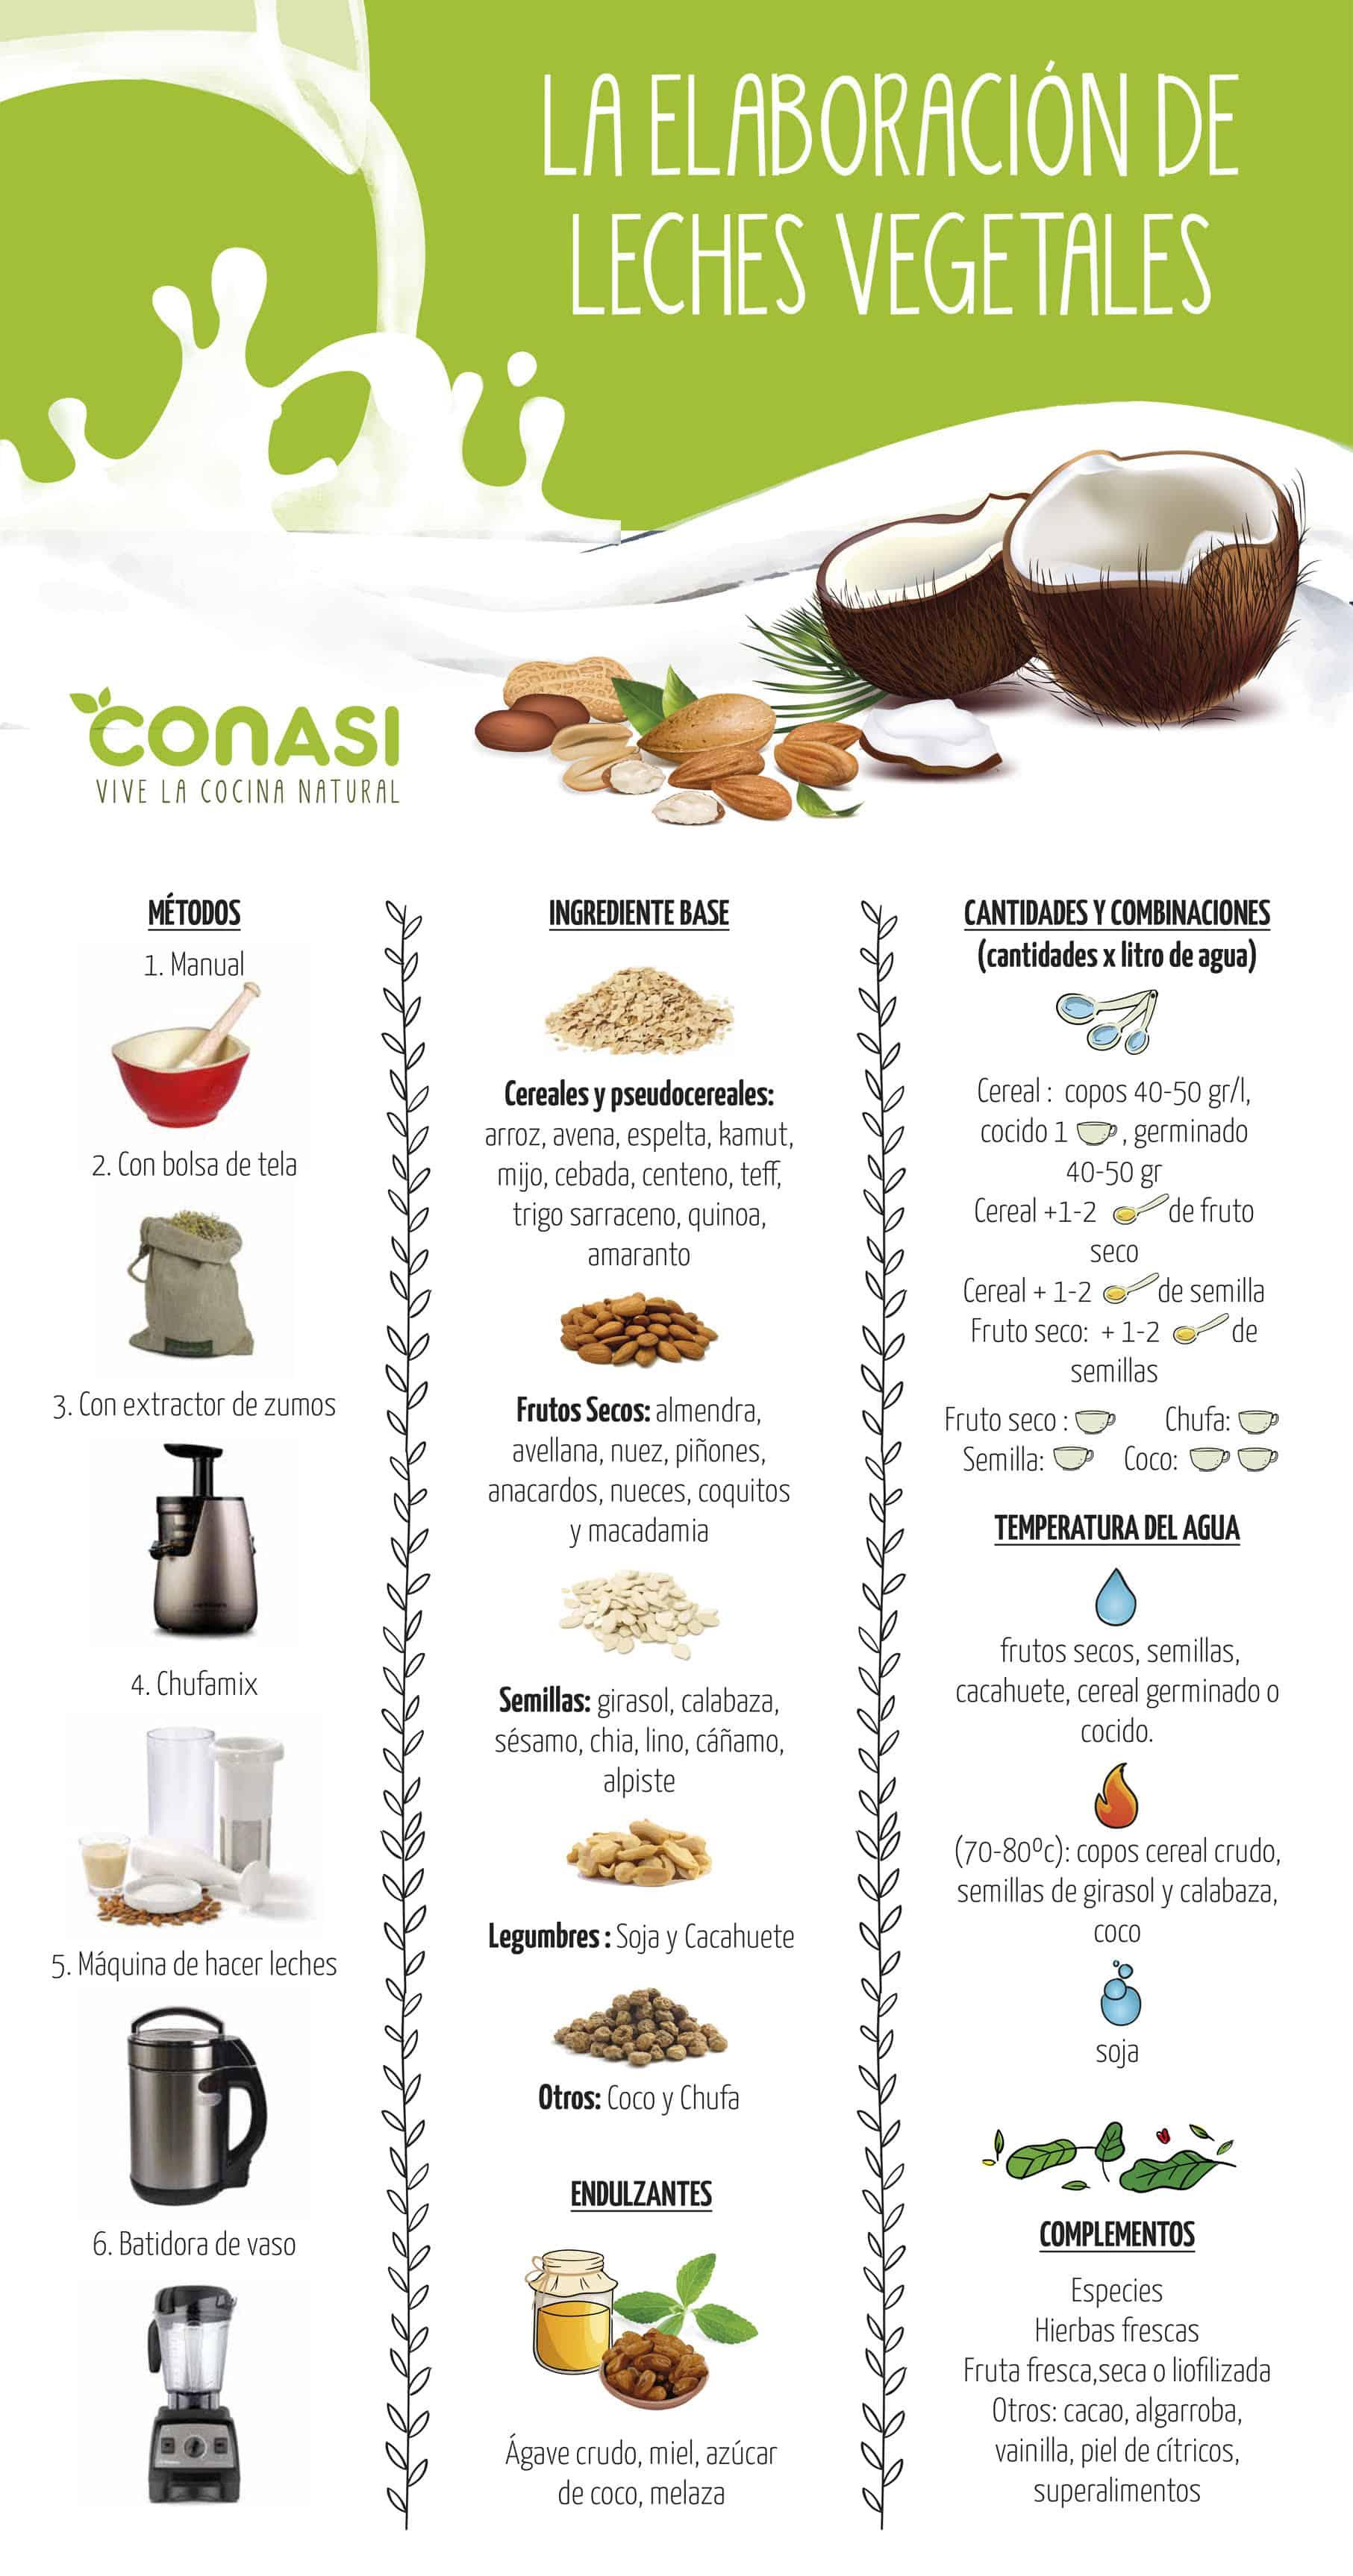 Diferentes tipos de leches vegetales.